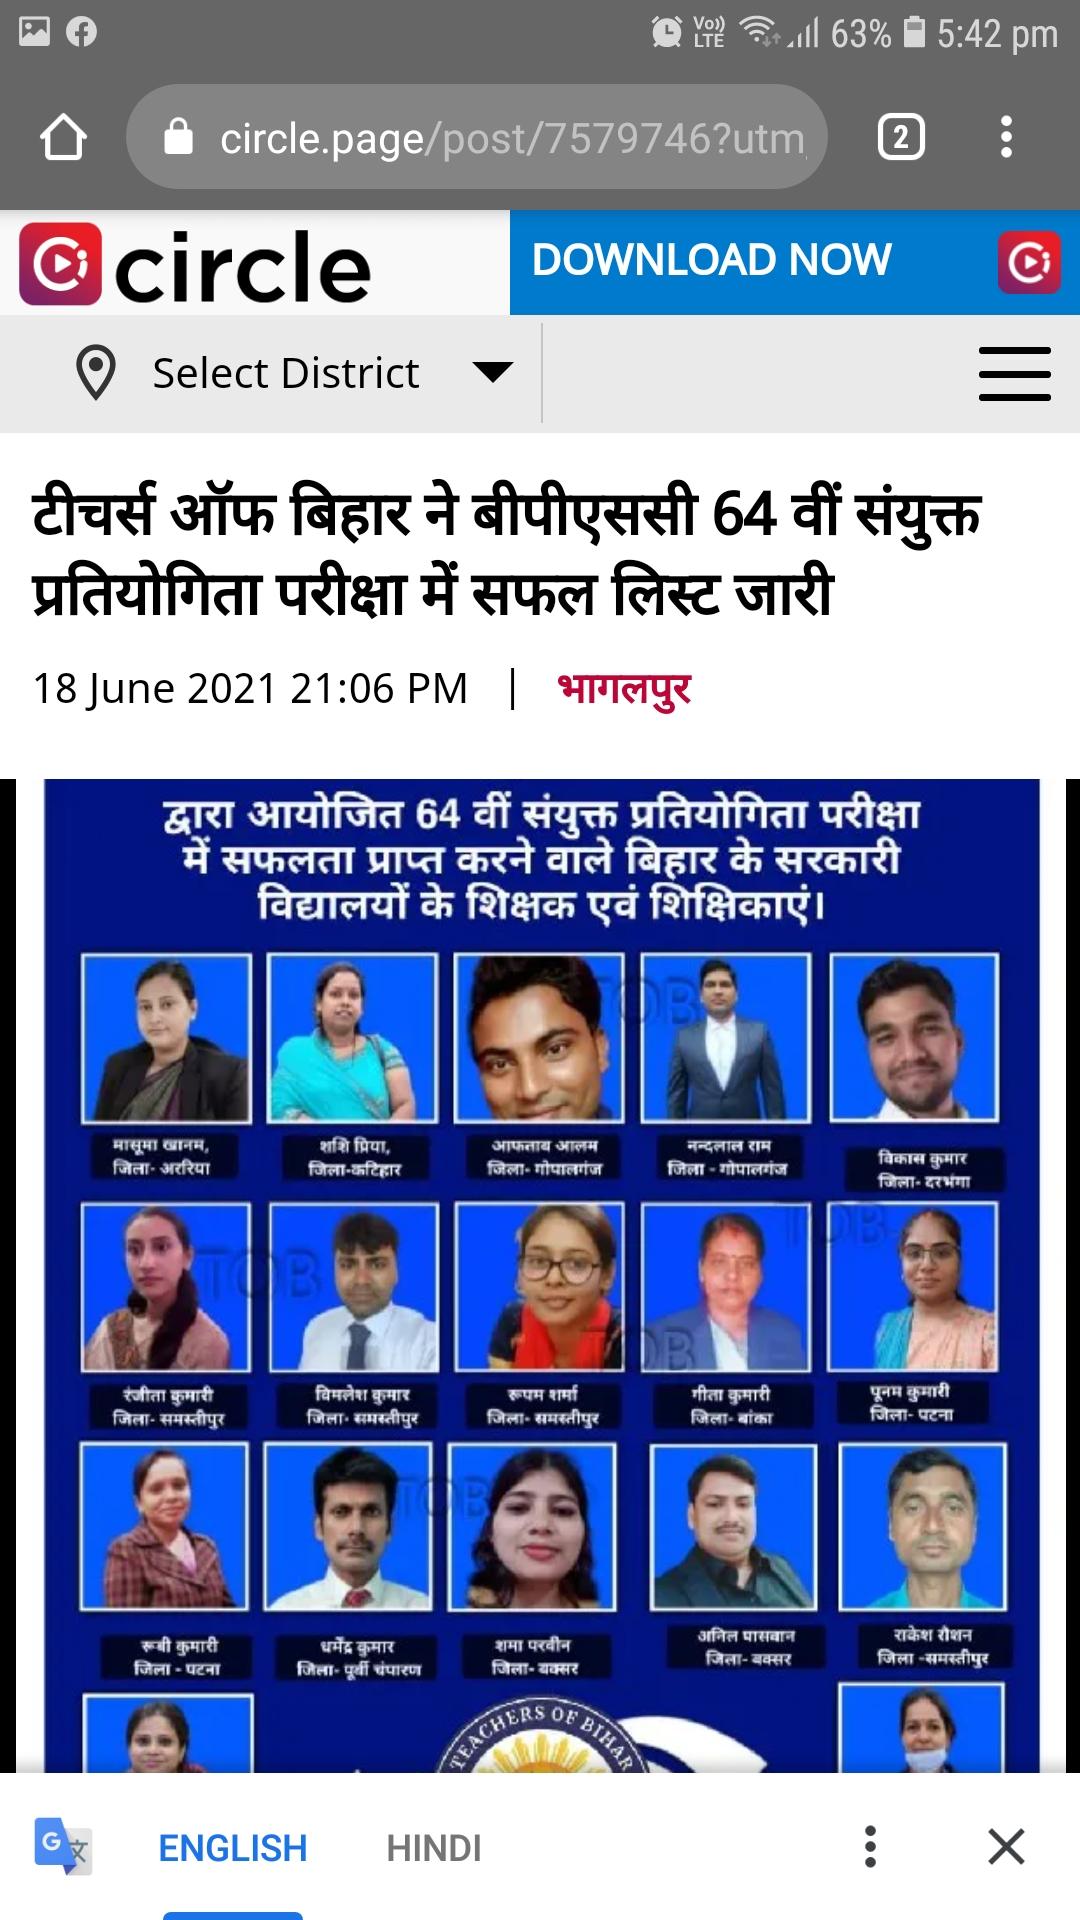 BPSC की परीक्षा में सफल शिक्षकों को शुभकामनाएं